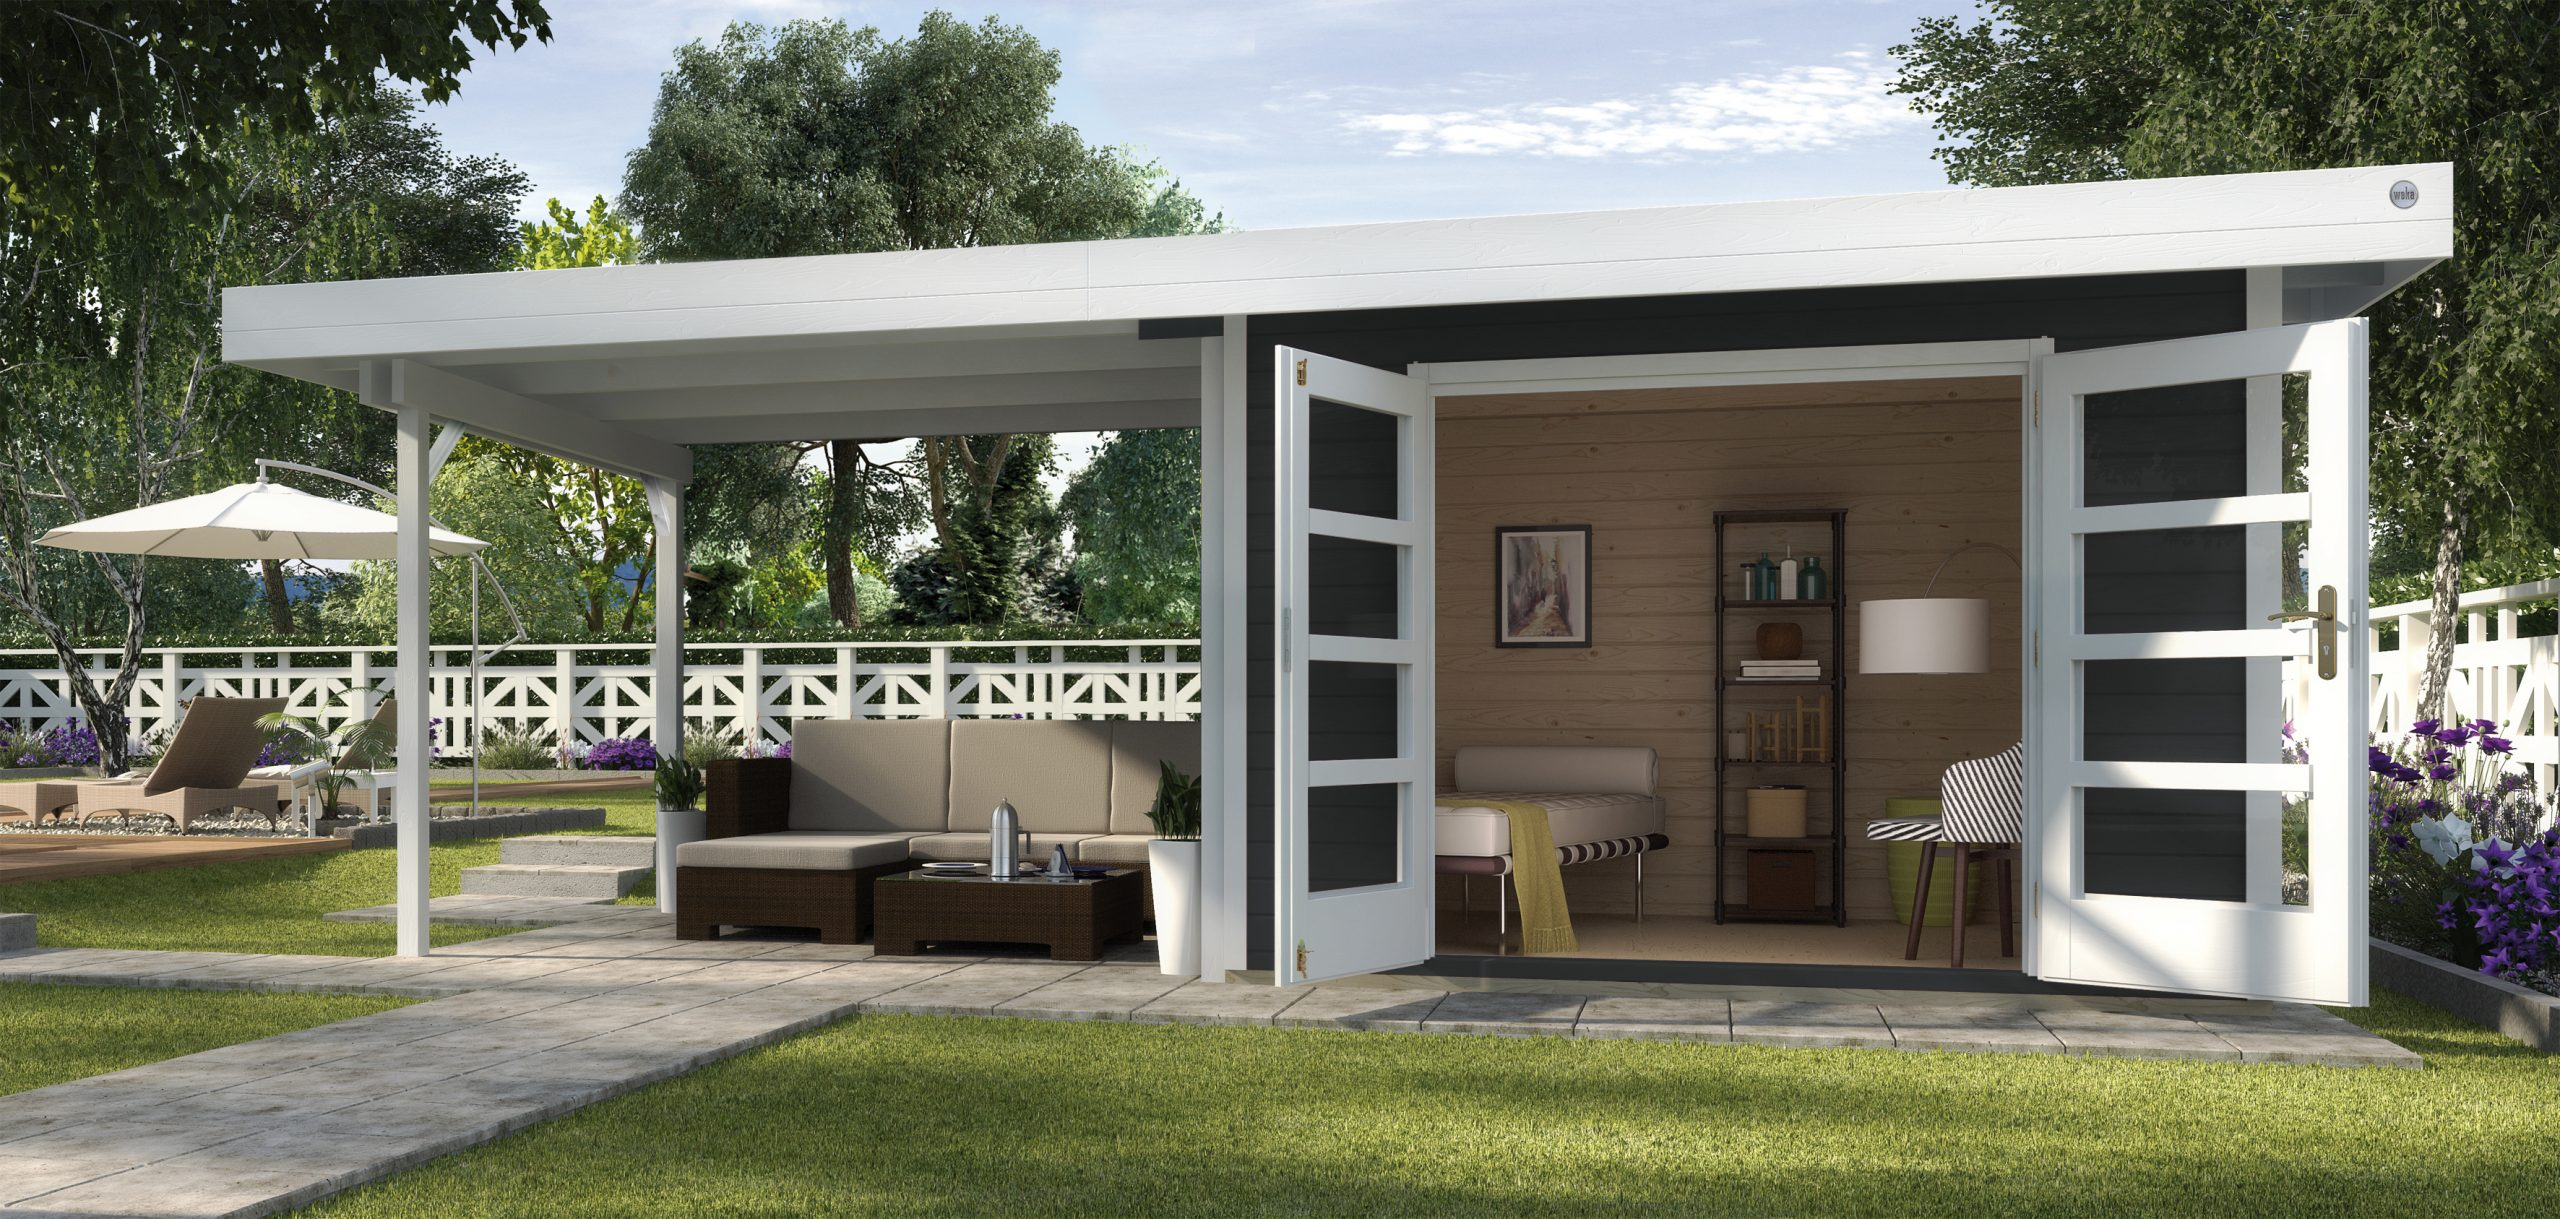 Abri De Jardin Design Toit Plat Avec Auvent - Abri Bois De 10 À 15 M² Nea  Concept destiné Abri De Jardin Avec Auvent